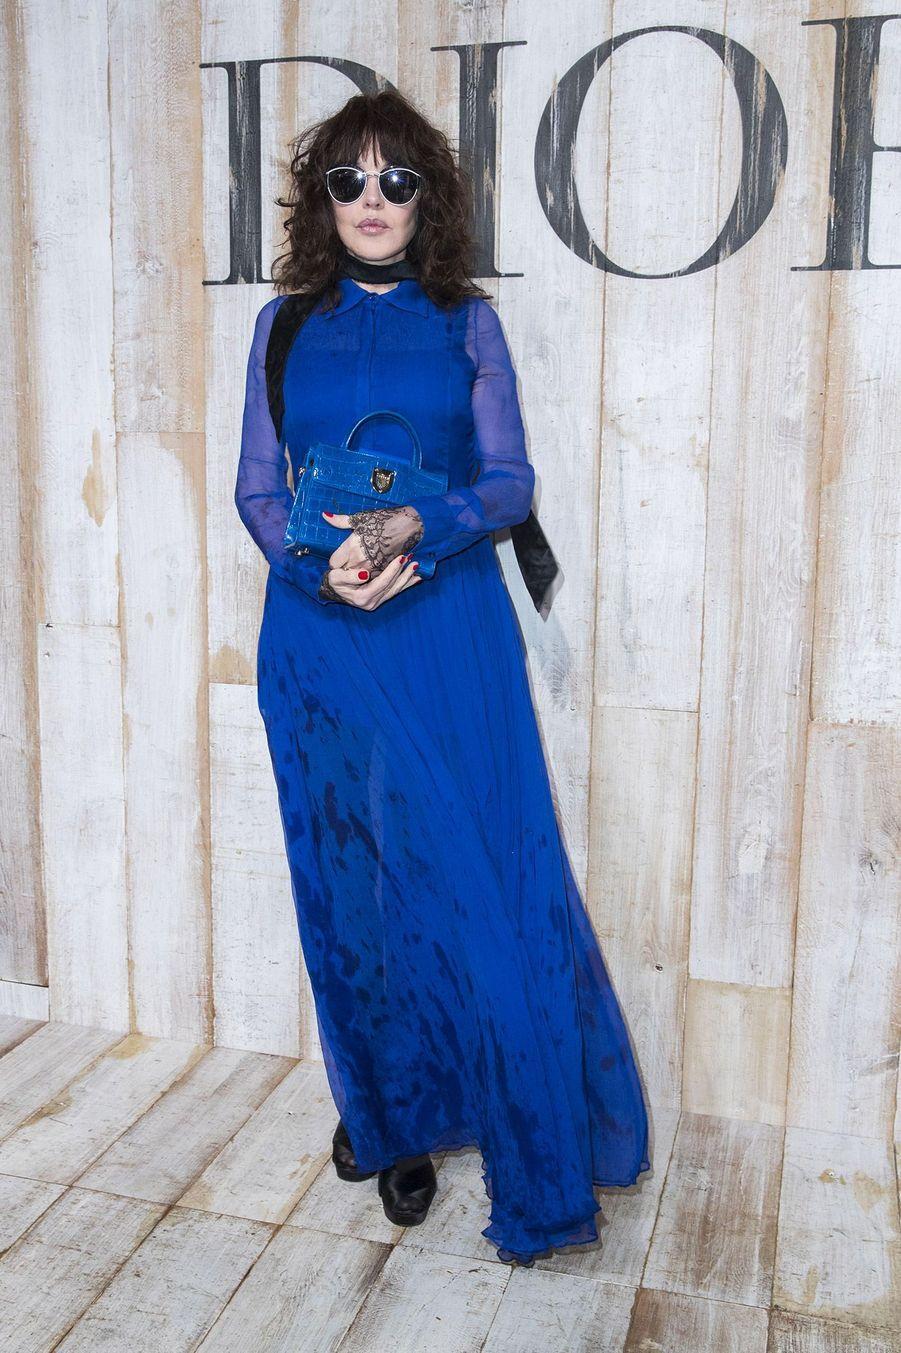 Isabelle Adjani au Photocall de la collection croisière Christian Dior Couture printemps-été 2019 dans les grandes écuries du château de Chantilly, le 25 mai 2018.